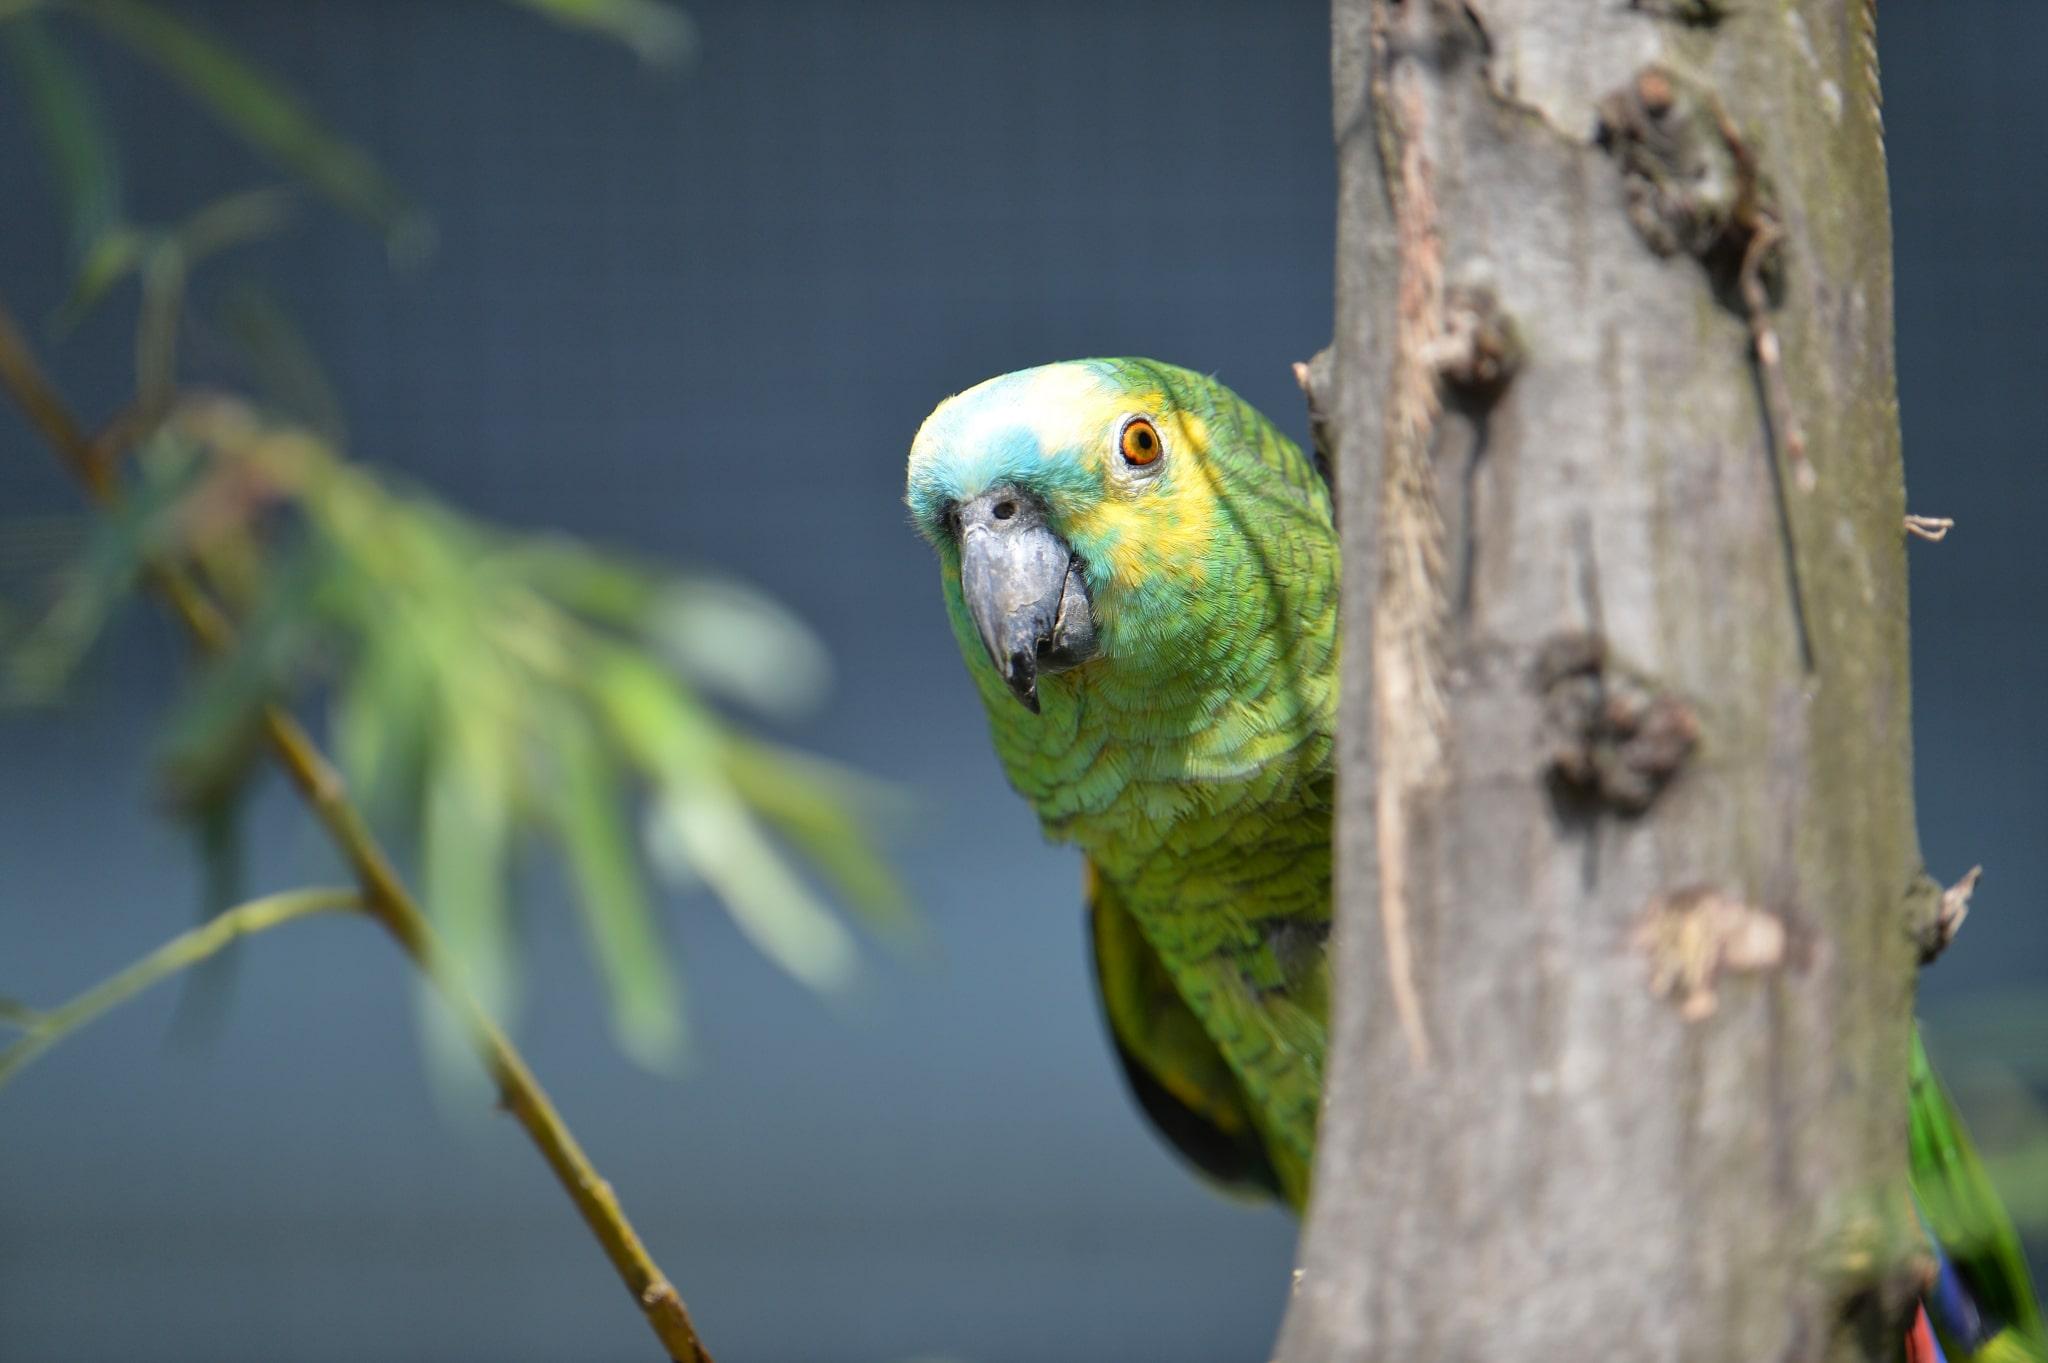 Unsere Papageien haben wunderschöne Farben